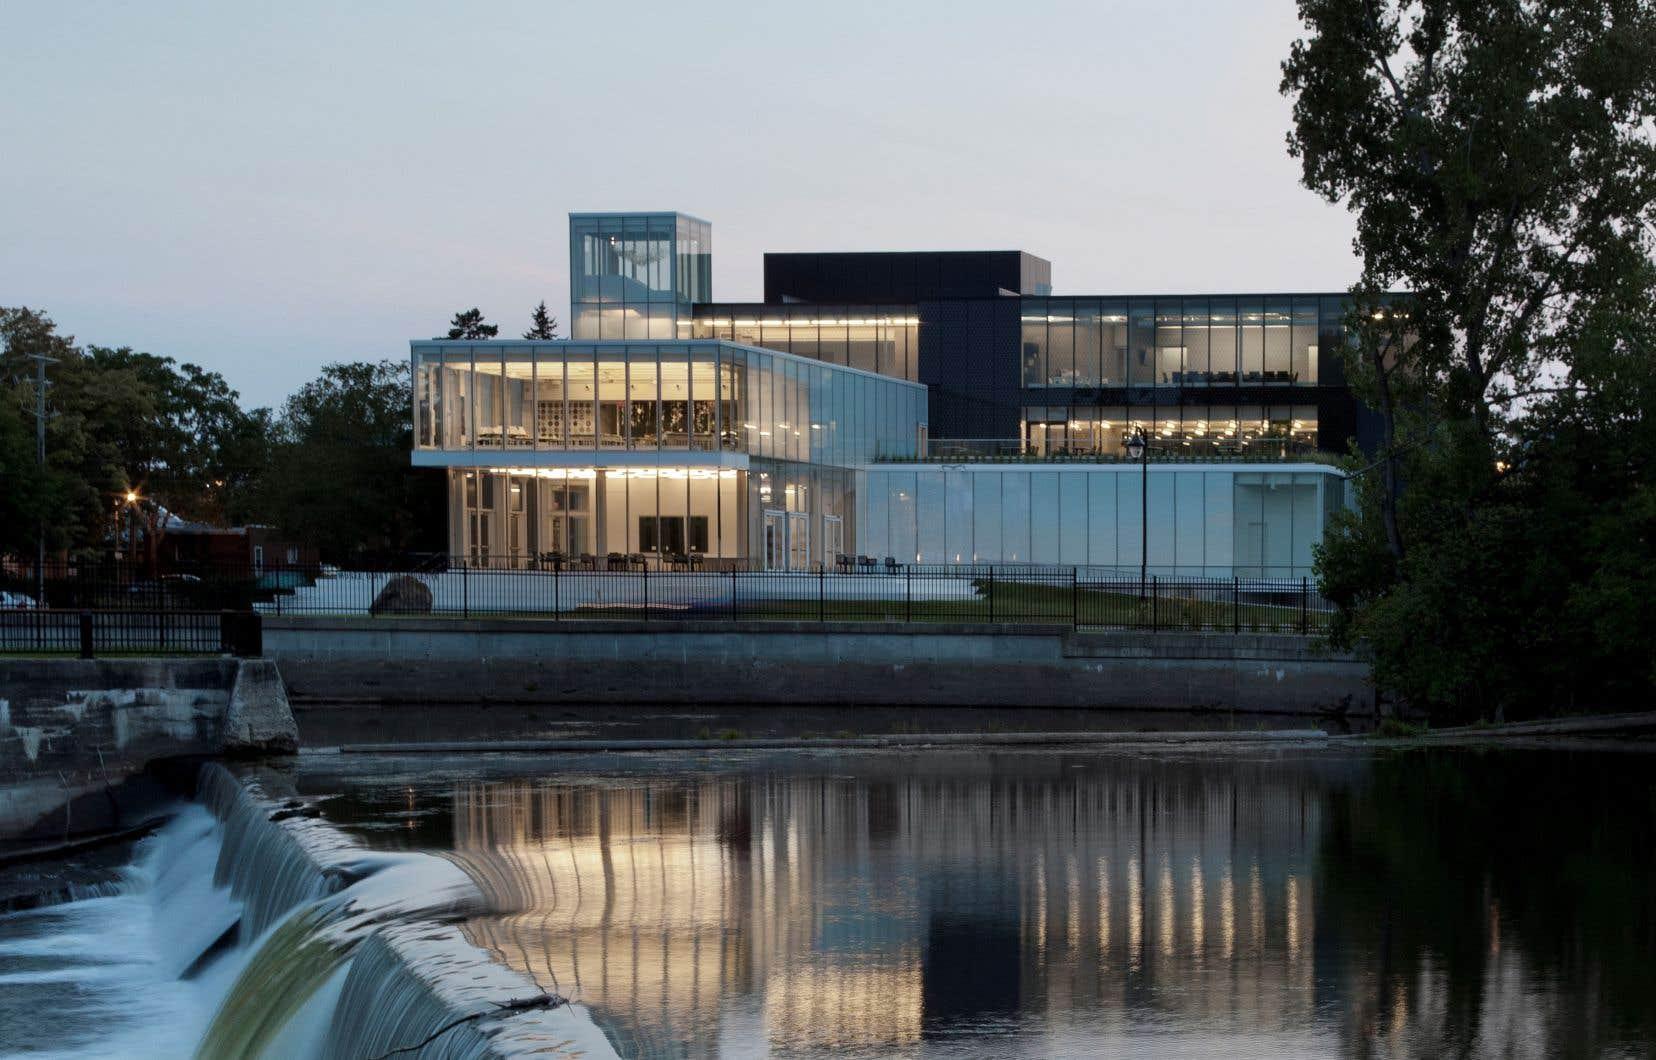 Rénové en 2015 et désormais tout habillé de verre, le Musée d'art de Joliette offre une vue imprenable sur la rivière L'Assomption.